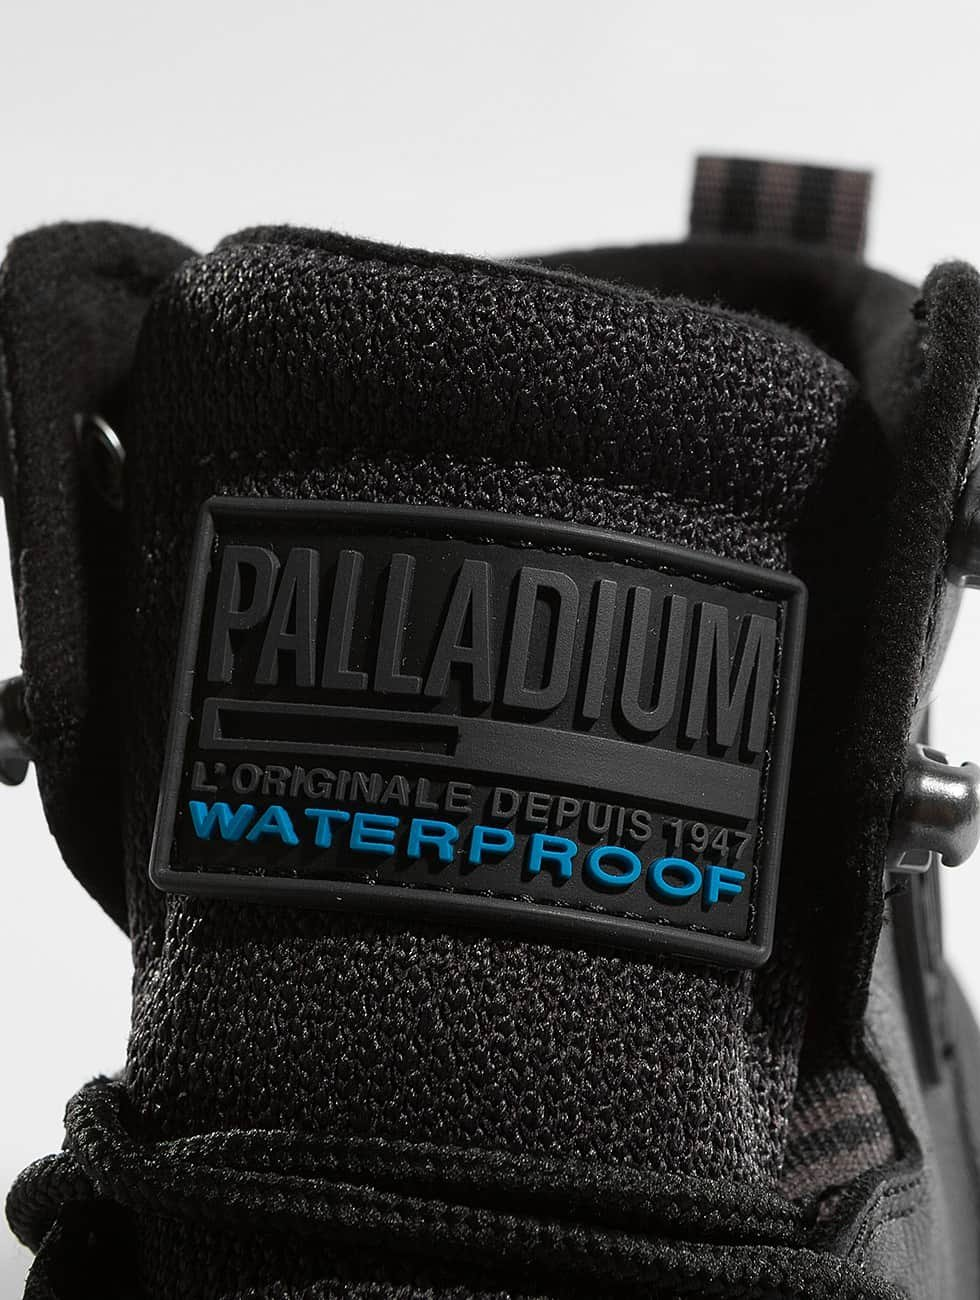 Klaring Collecties Palladium schoen / Boots Sport Cuff WB 2.0 in zwart 401587 Korting 2018 Klaring Beste Verkoop Uit Nederland Gratis Verzending Outlet Verkennen hzkMu7